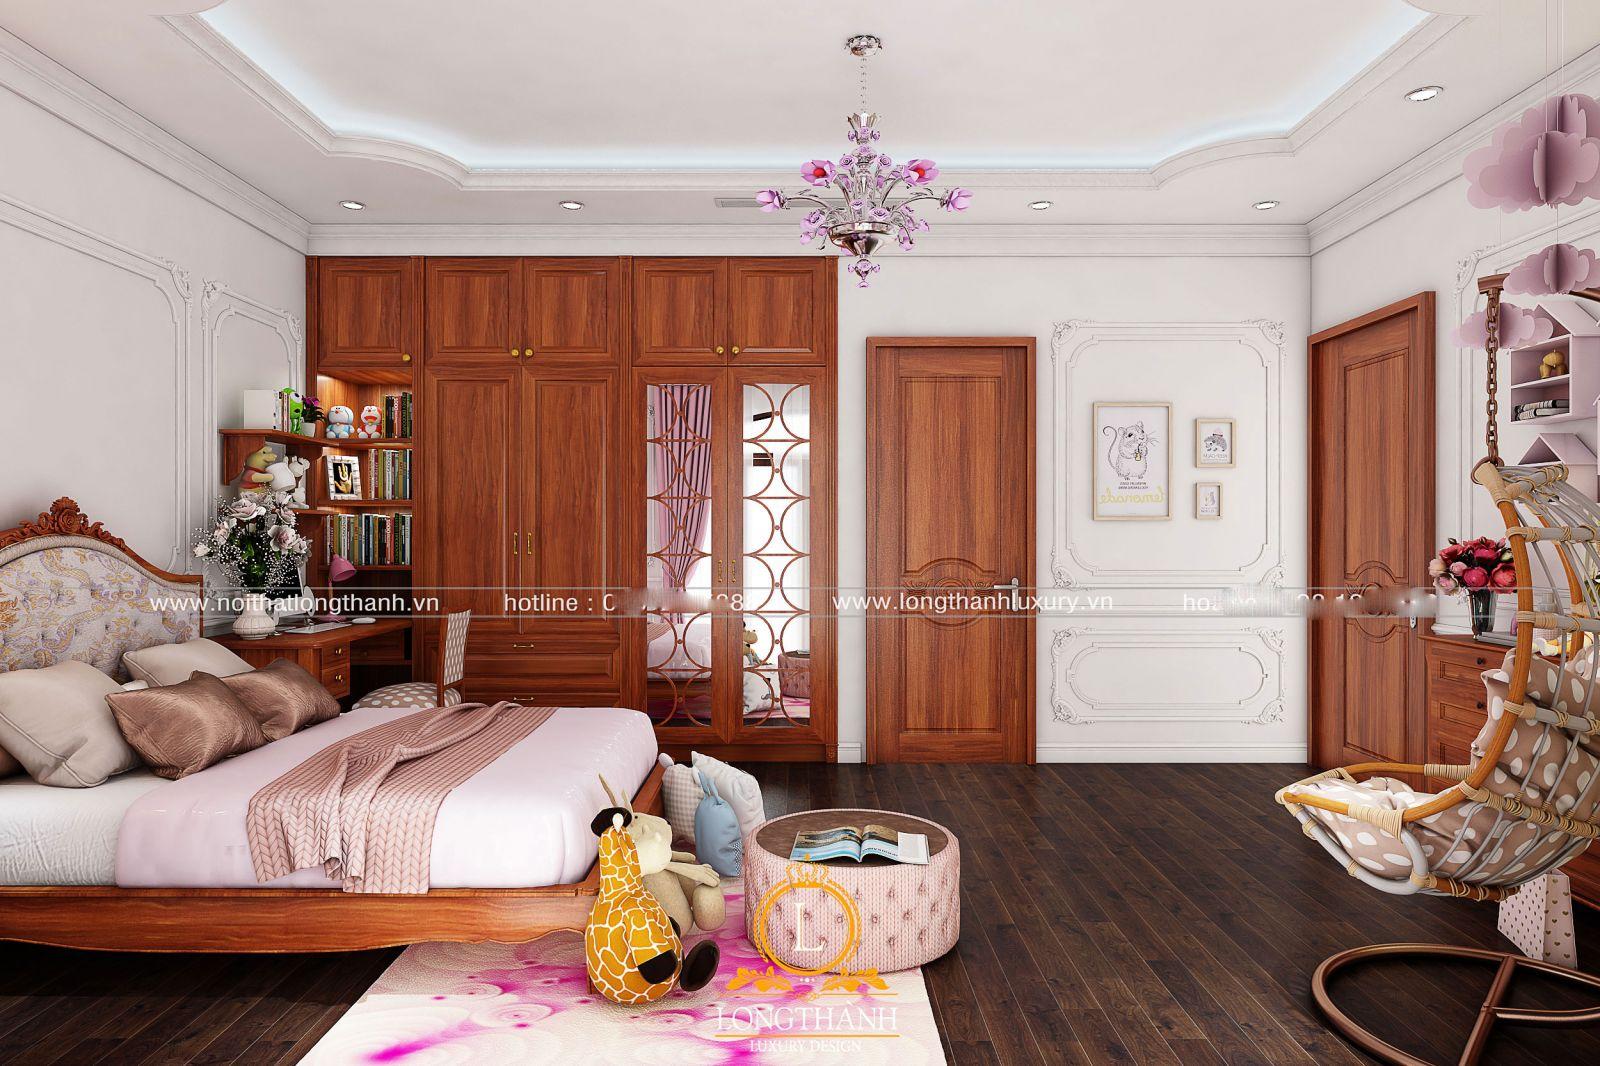 Một phòng ngủ hiện đại vừa đáp ứng được vẻ đẹp thẩm mỹ, vừa đáp ứng nhu cầu công năng sử dụng